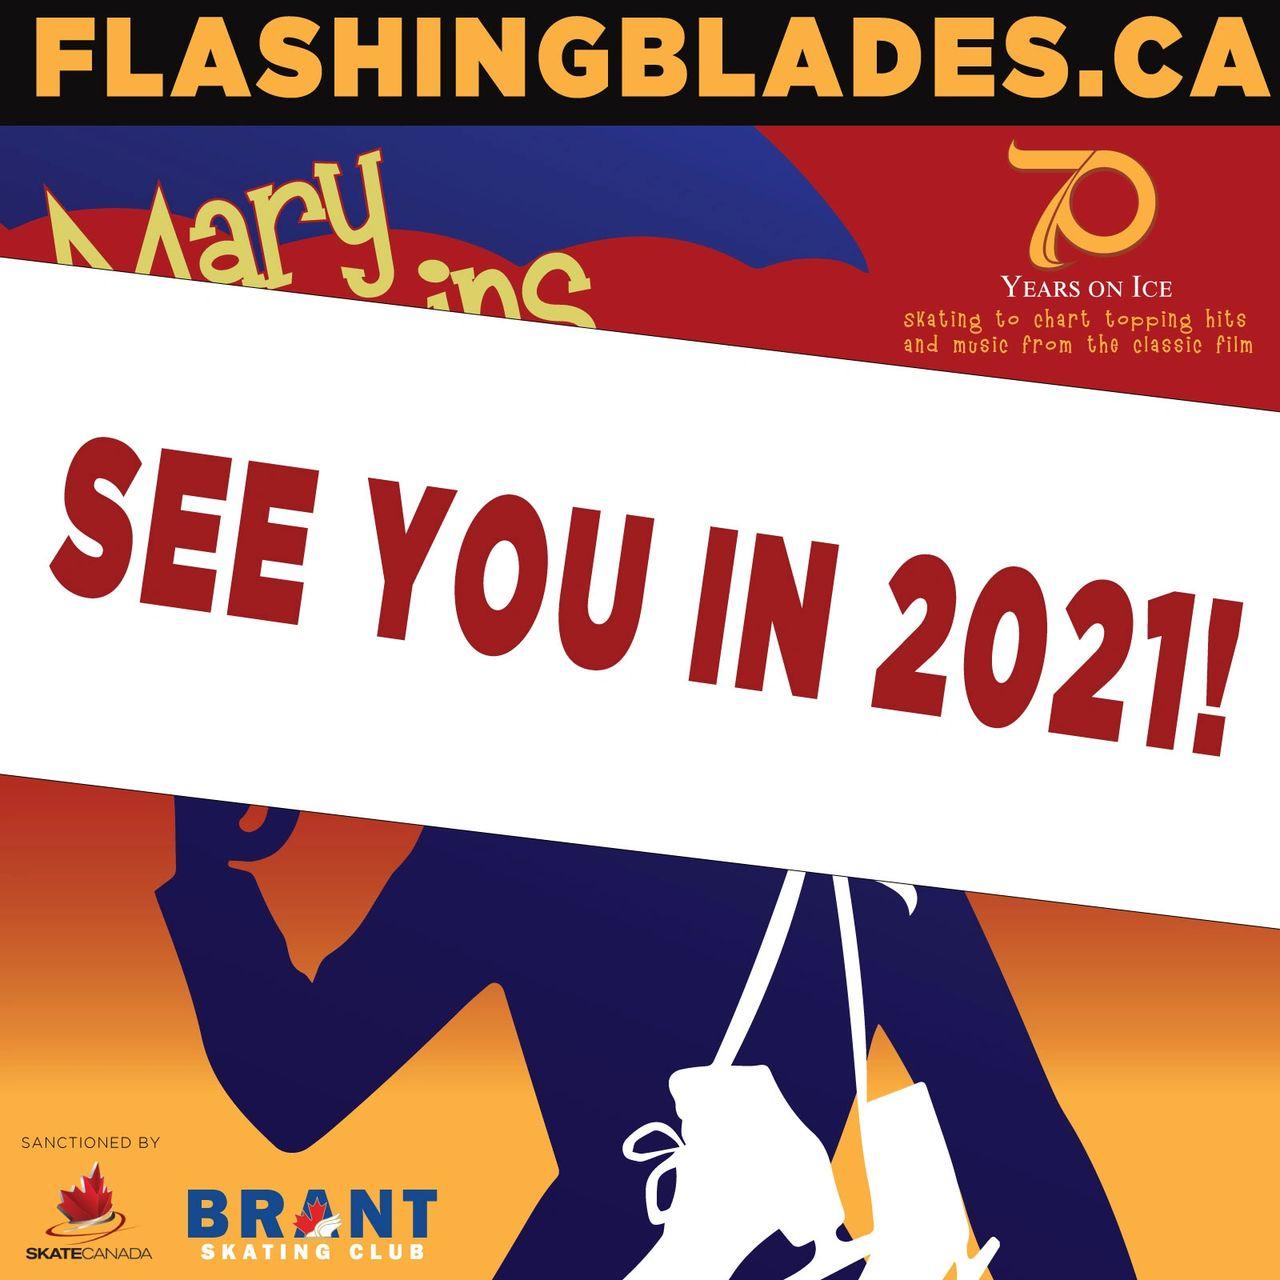 'Flashing Blades 70' Postponed to 2021